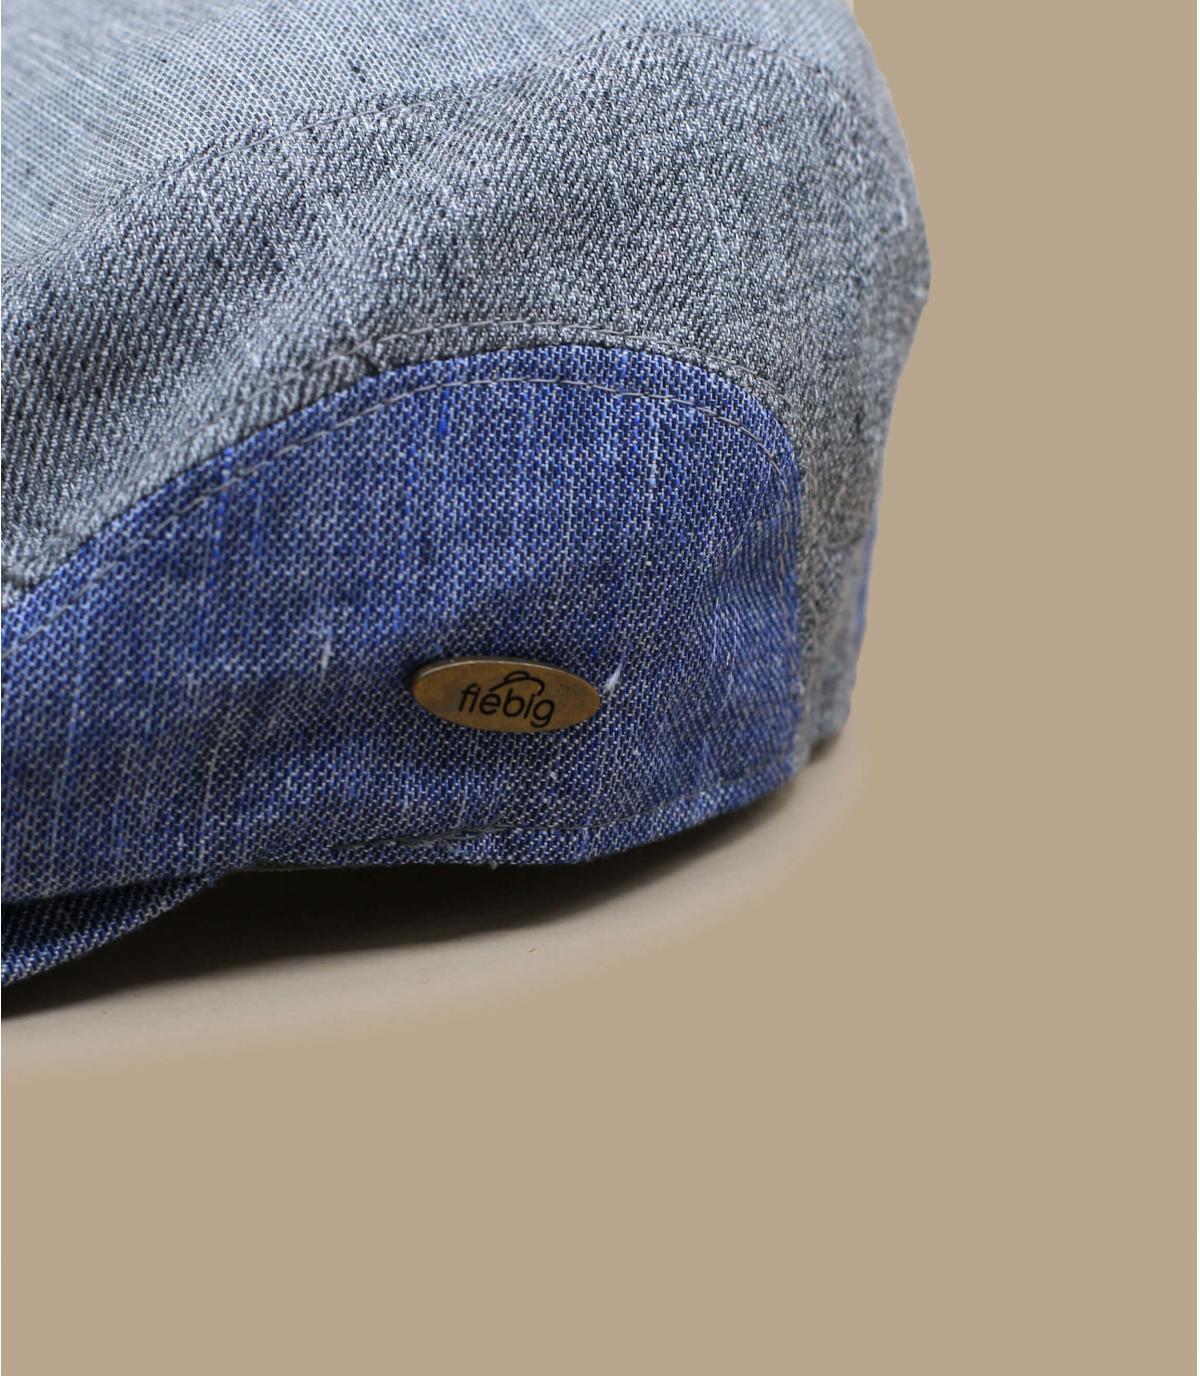 Schiebermütze Patchwork blau grau